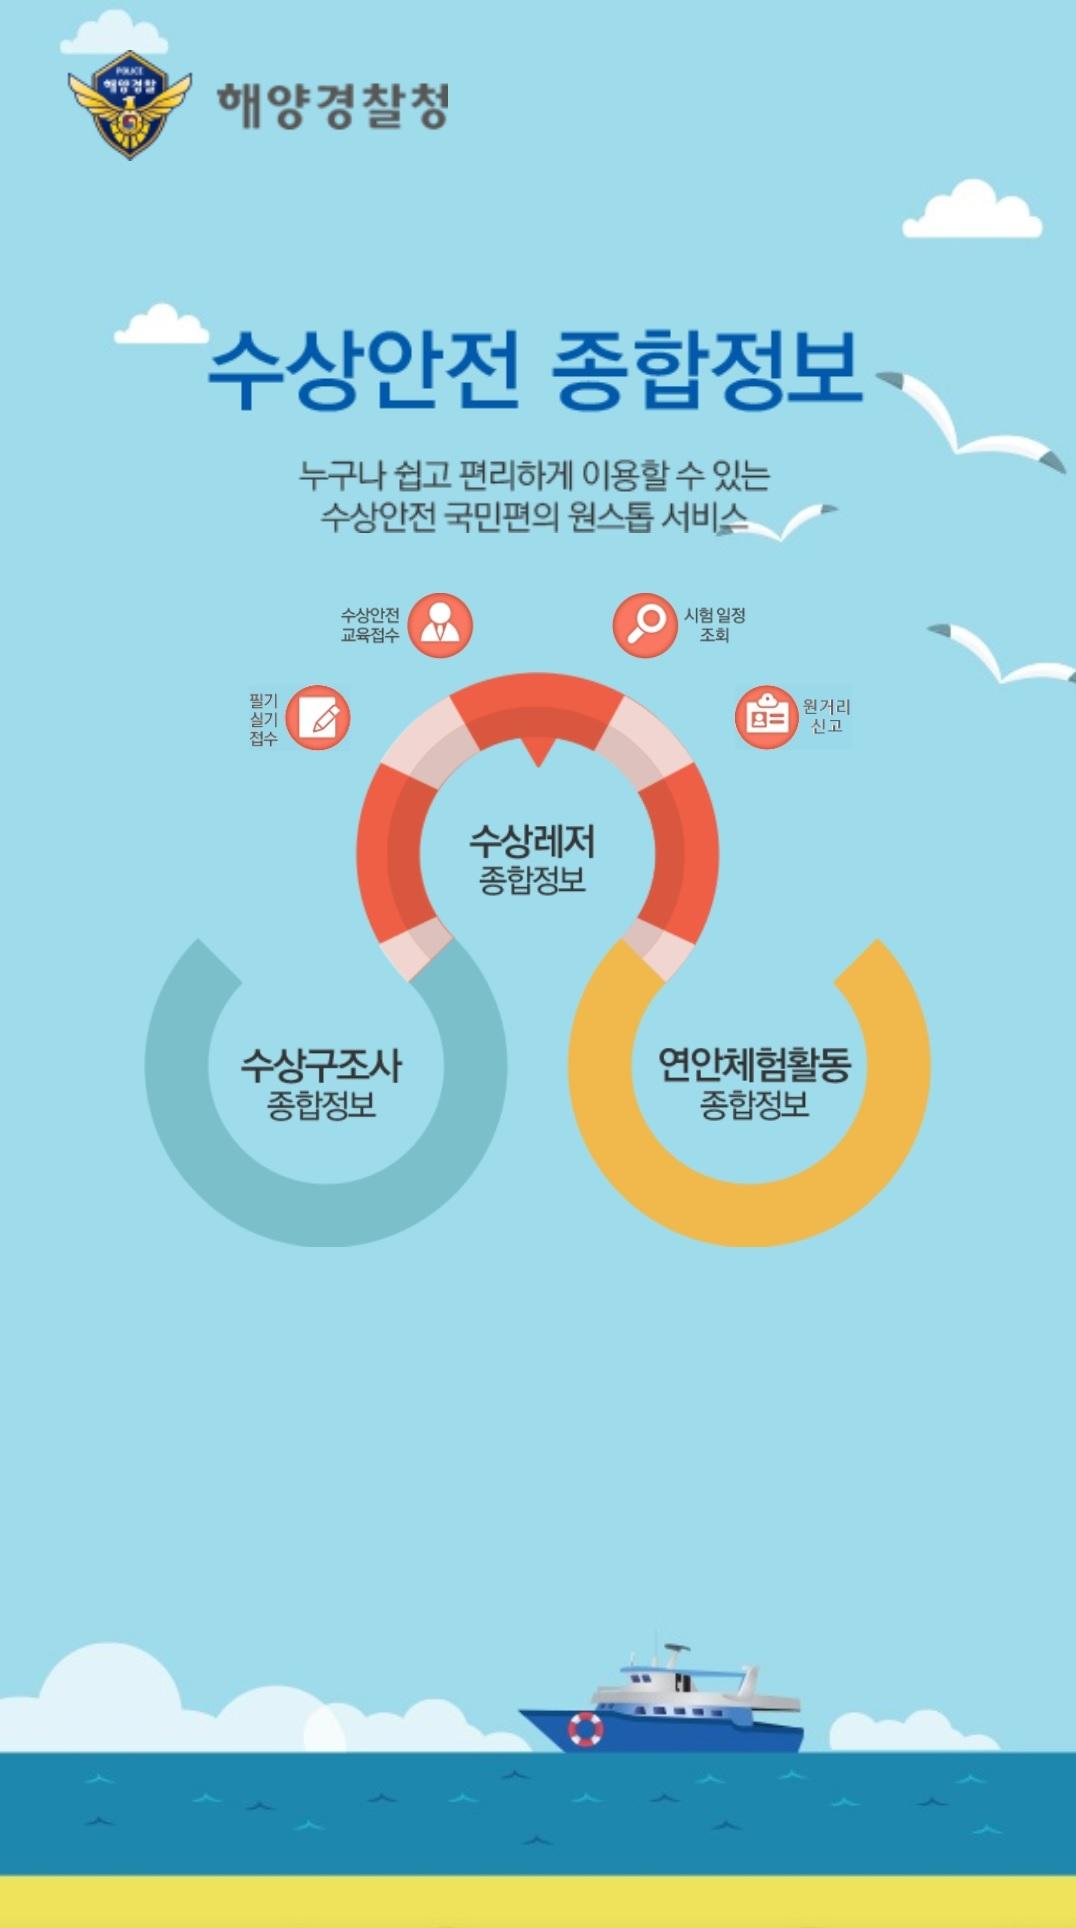 (자료사진) 휴대폰으로 수상안전 종합정보사이트에 접속 시 레저 활동 온라인 신고가 가능하다.jpg